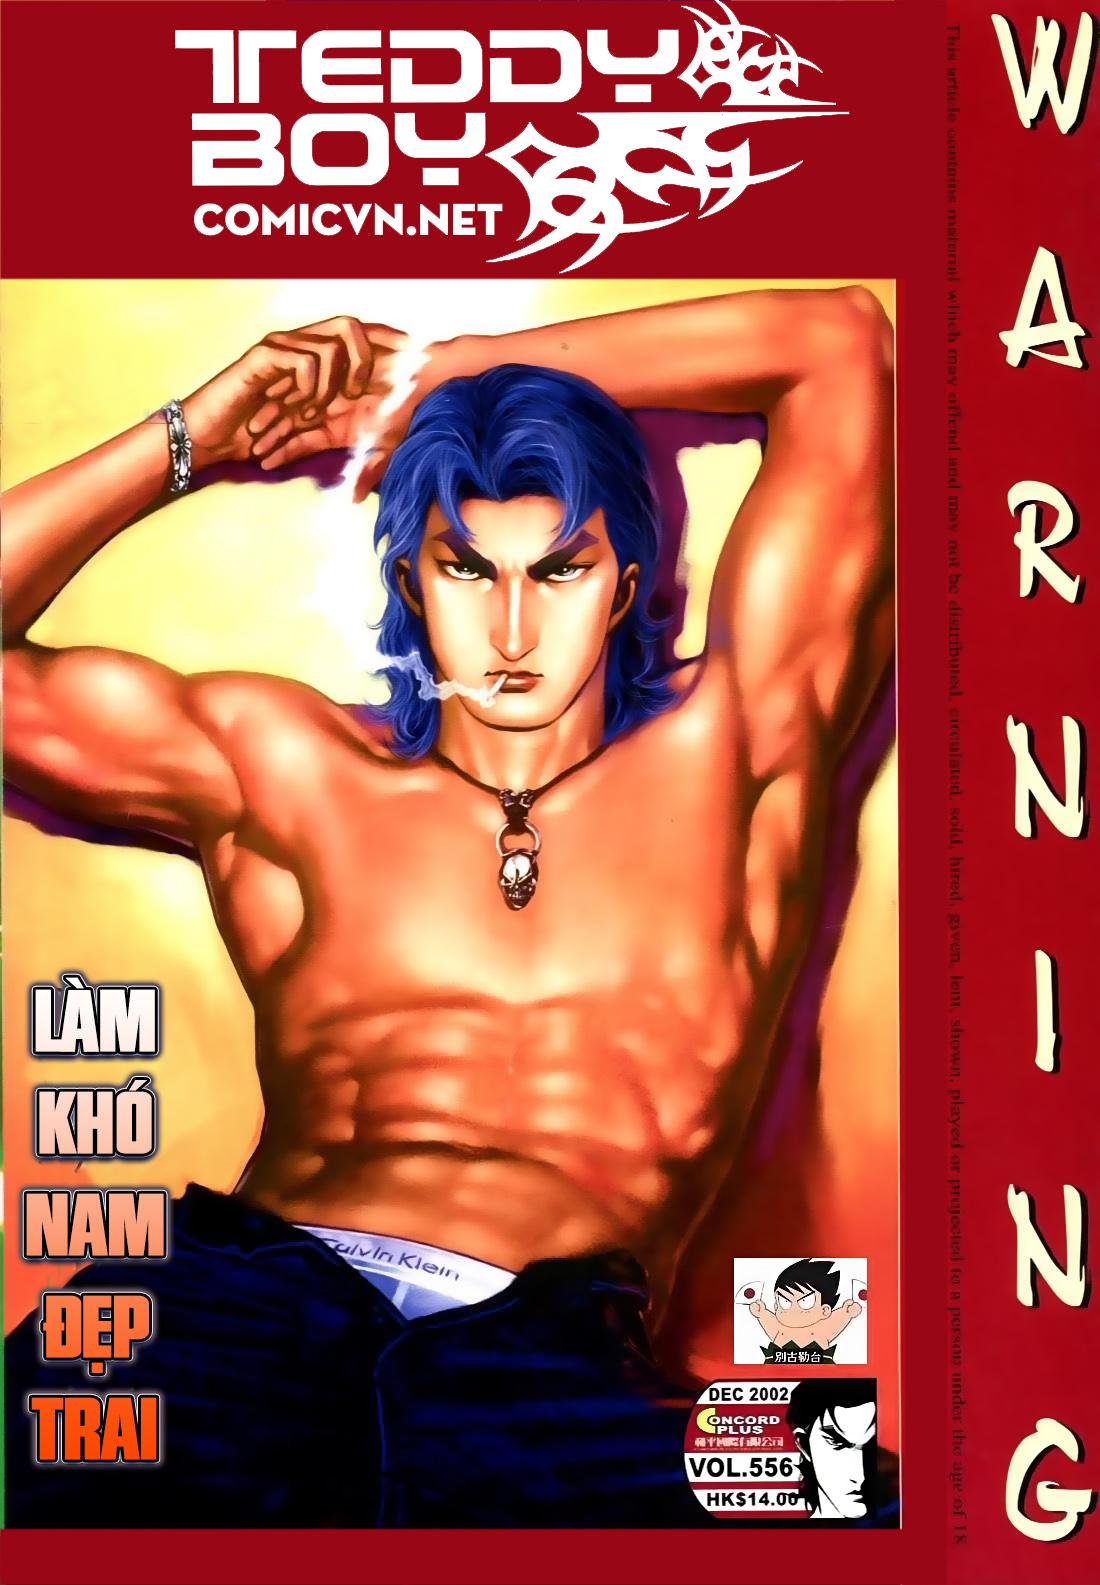 Người Trong Giang Hồ chapter 556: làm khó nam đẹp trai trang 1